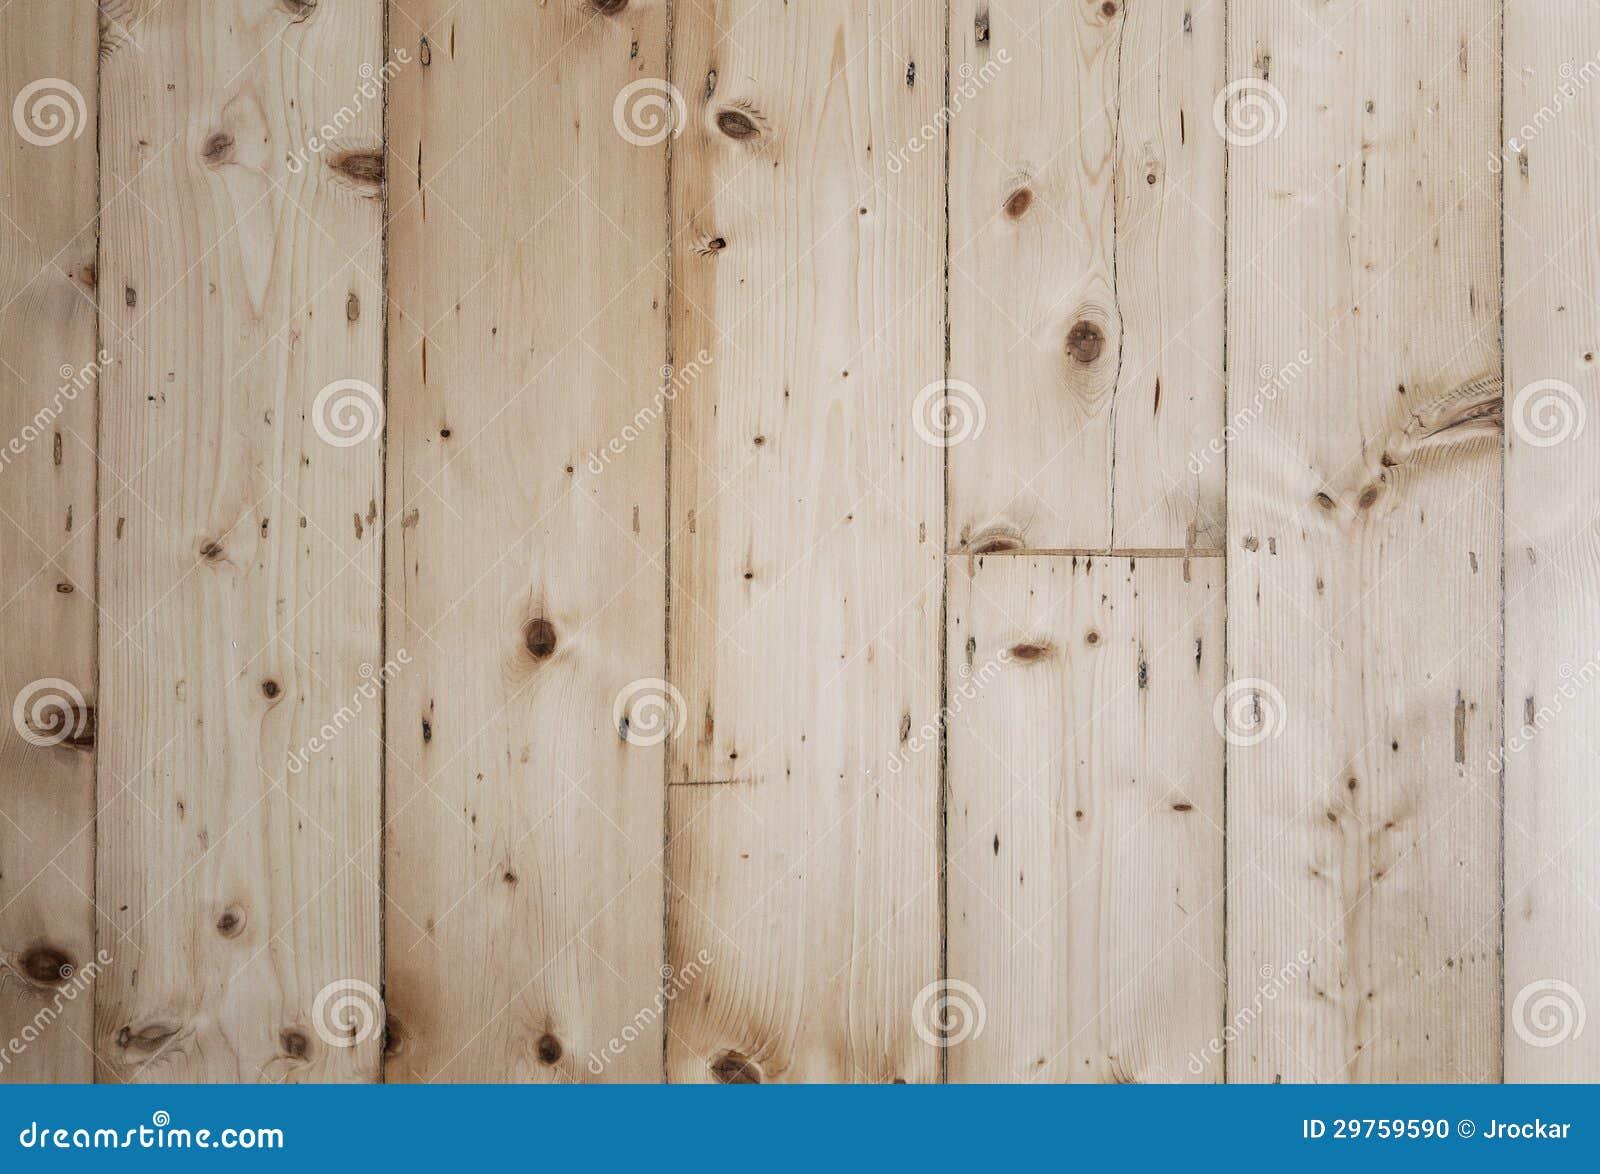 Raw wooden floor - Raw Wooden Floor Stock Photo - Image: 29759590